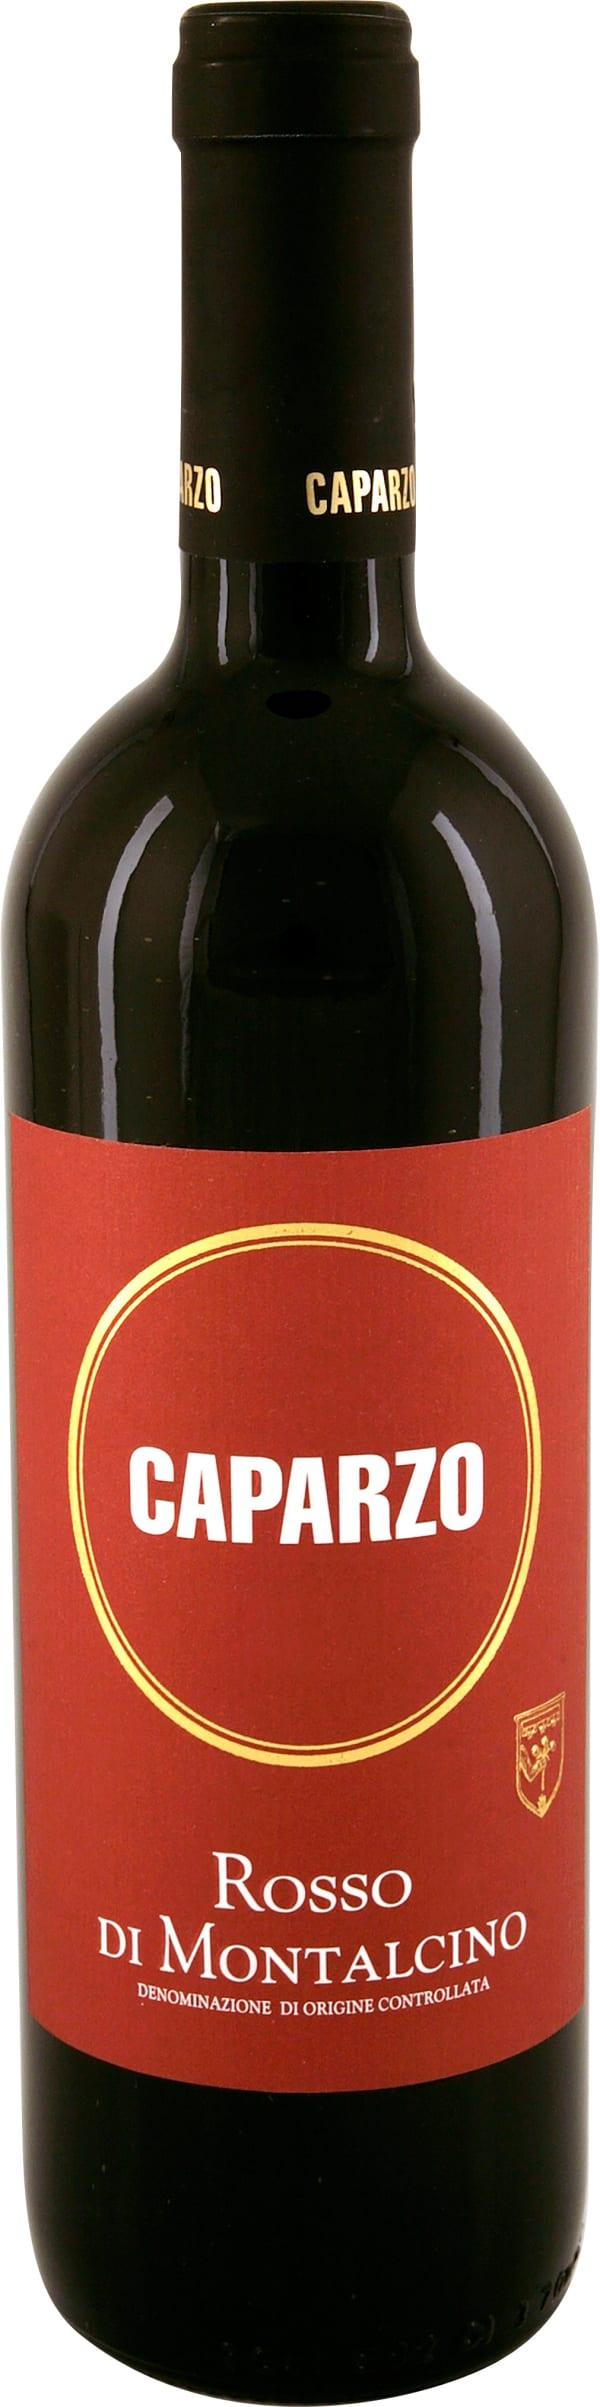 Caparzo Rosso di Montalcino 2016